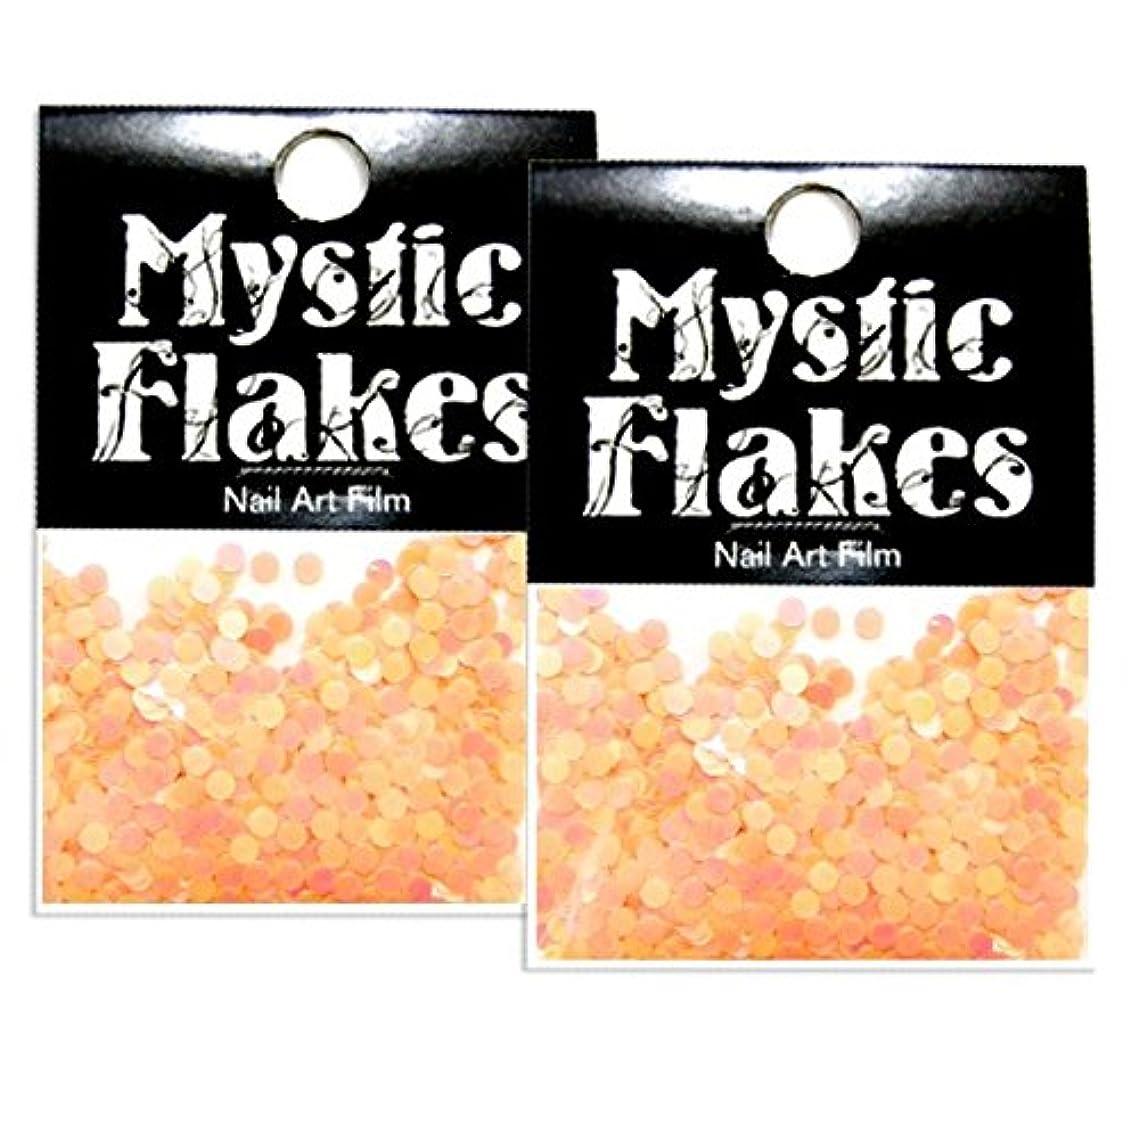 永久奇跡茎ミスティックフレース ネイル用ストーン ルミネオレンジ サークル 2mm 0.5g 2個セット